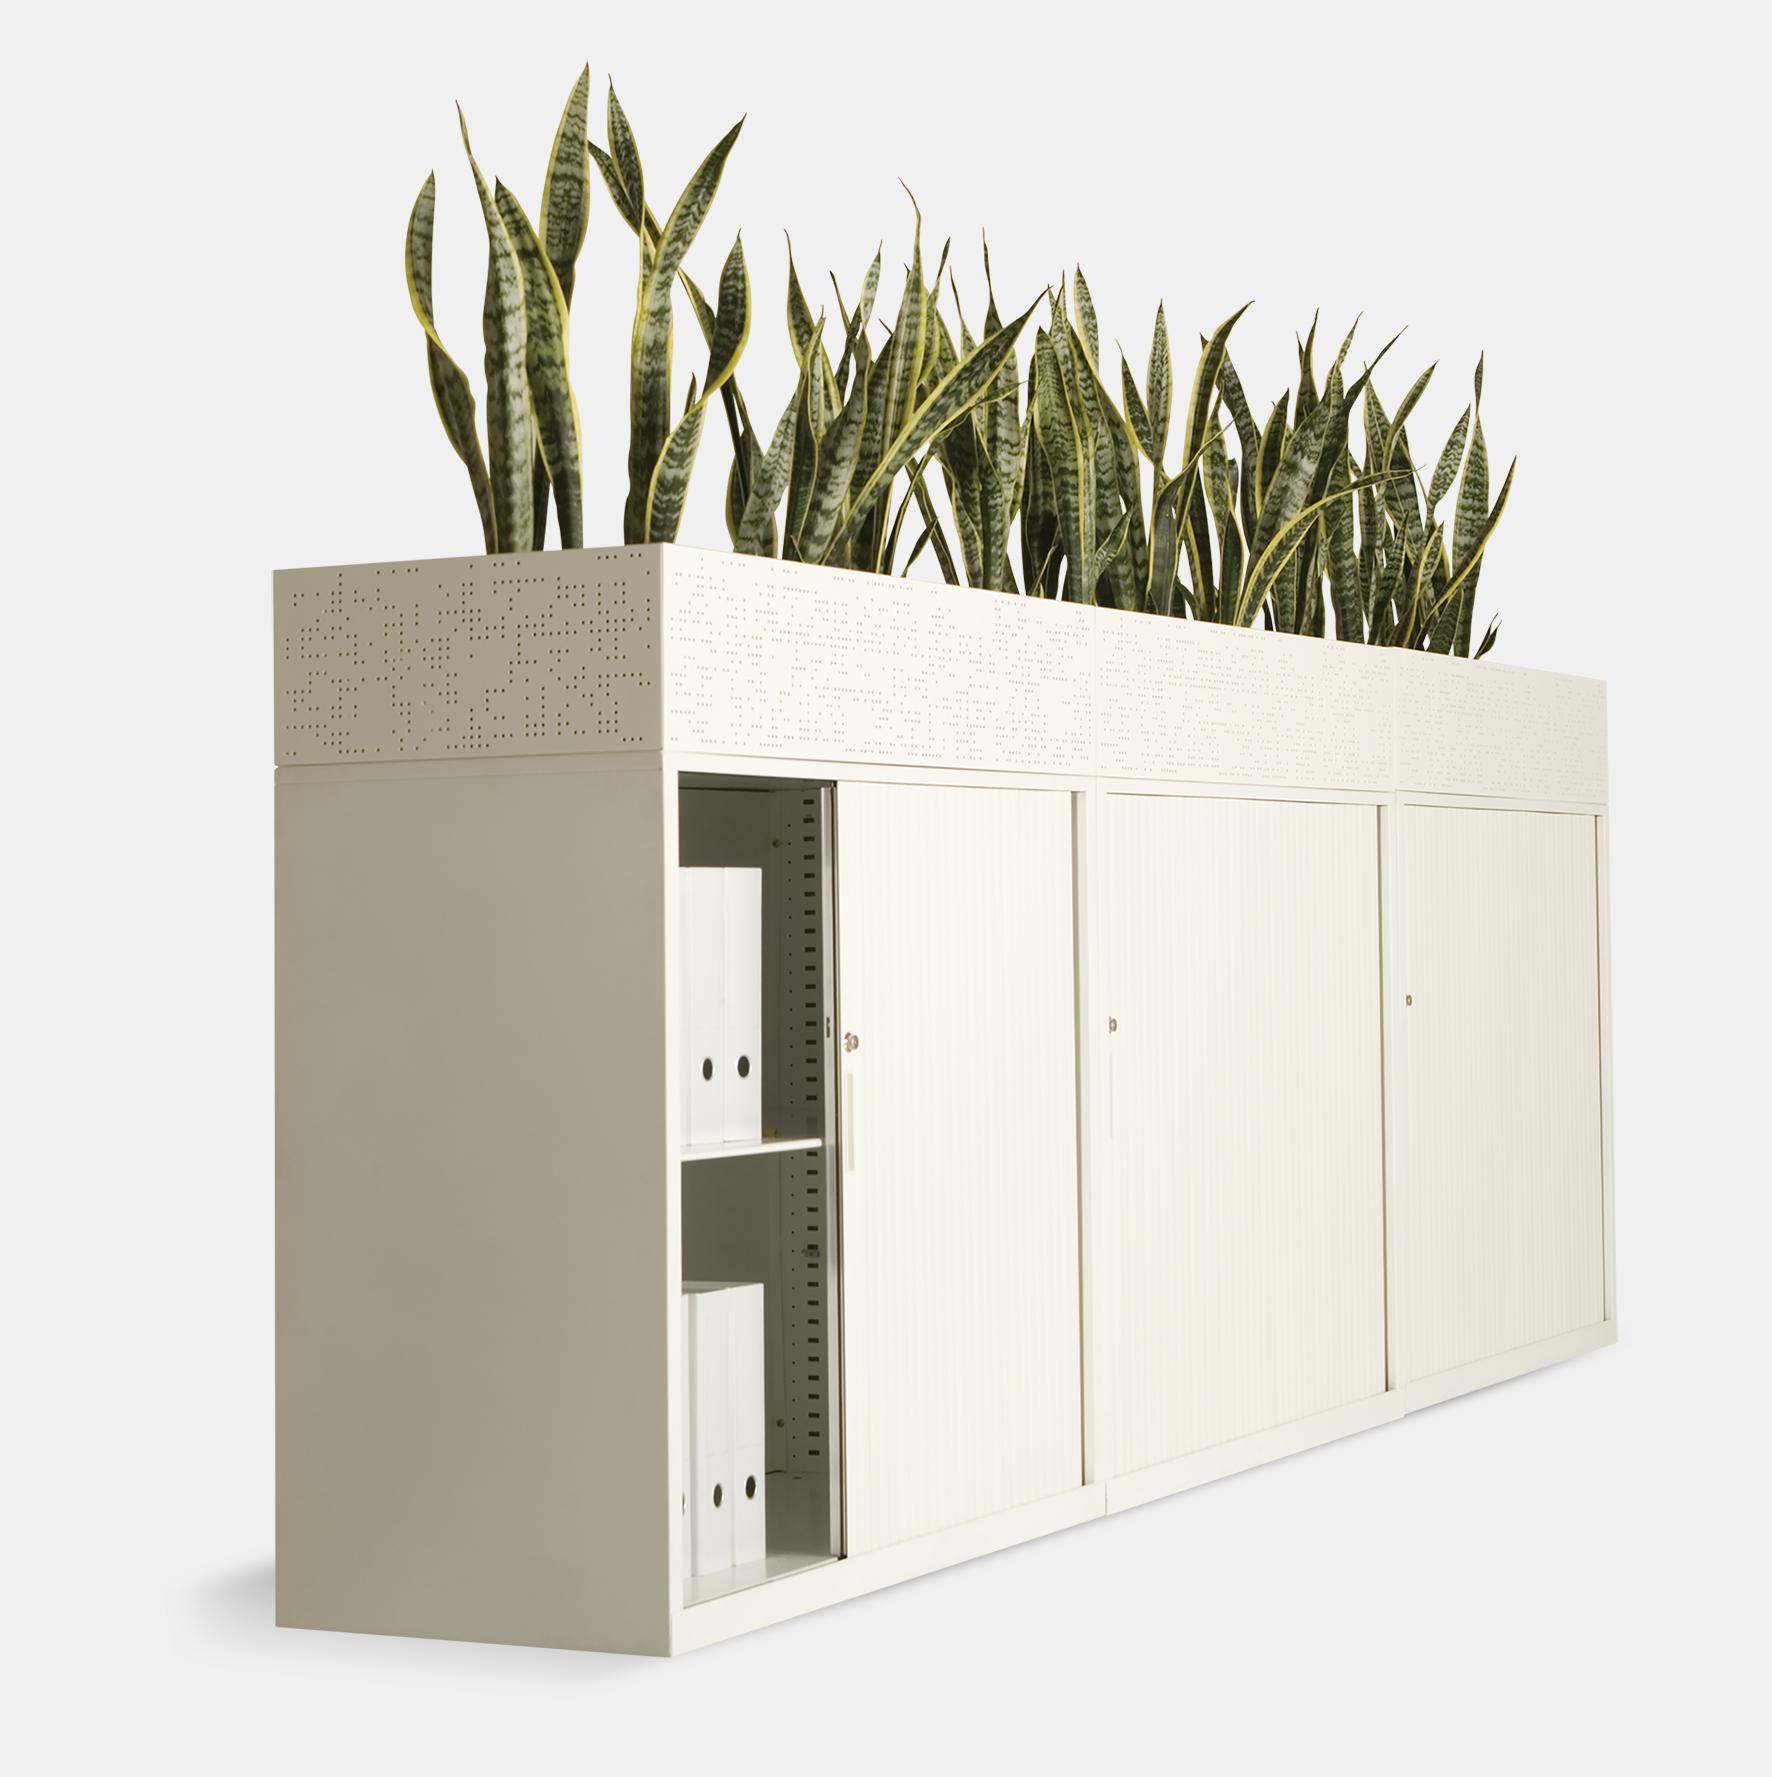 Flox Planter Box by Planex